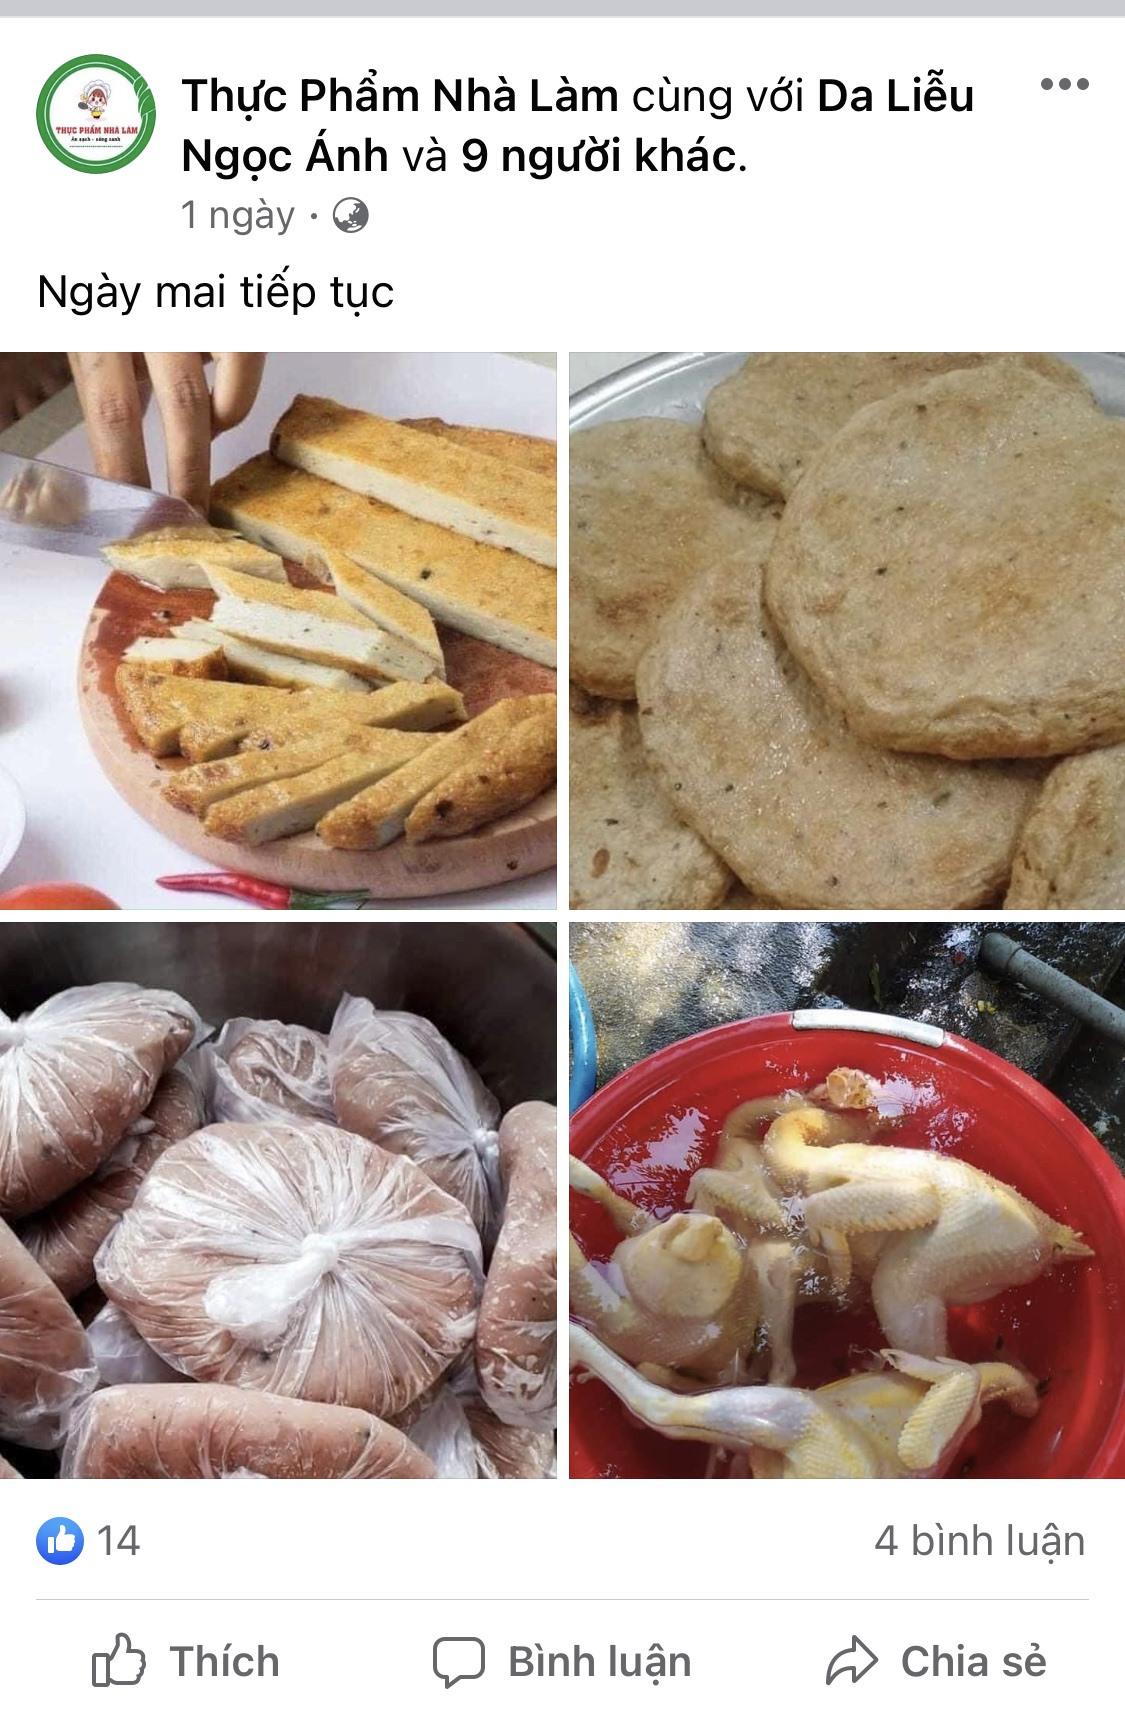 Thực phẩm nhà làm được rao bán khá thoải mái trên các trang mạng xã hội. Ảnh: X.H